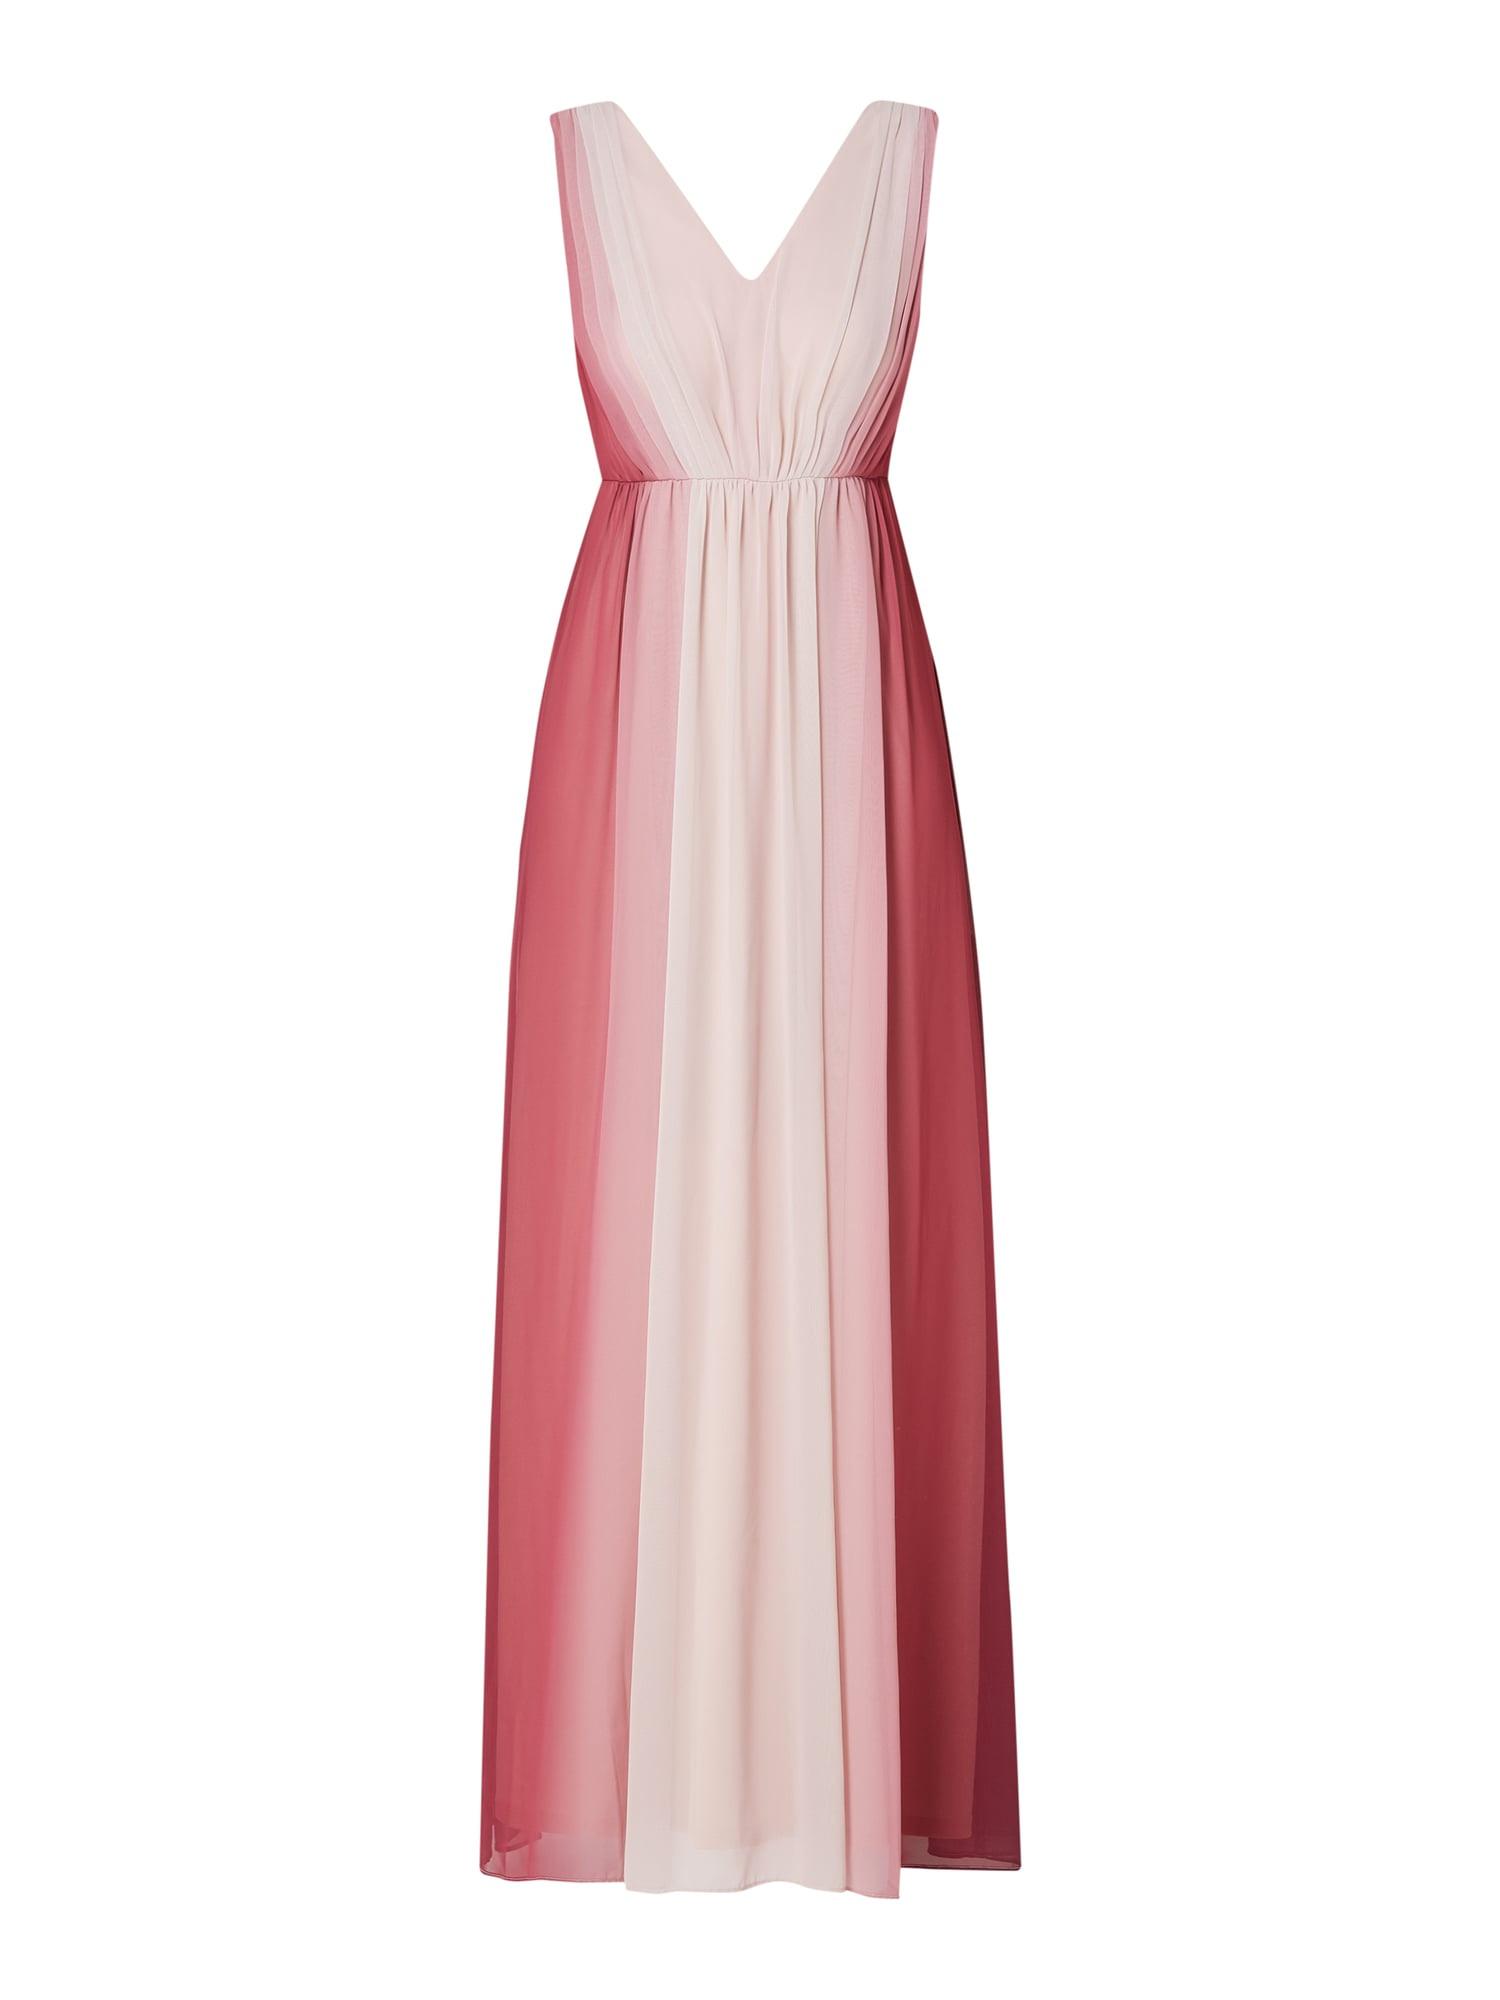 Designer Schön Cocktail Abend Kleid Vertrieb20 Luxus Cocktail Abend Kleid für 2019